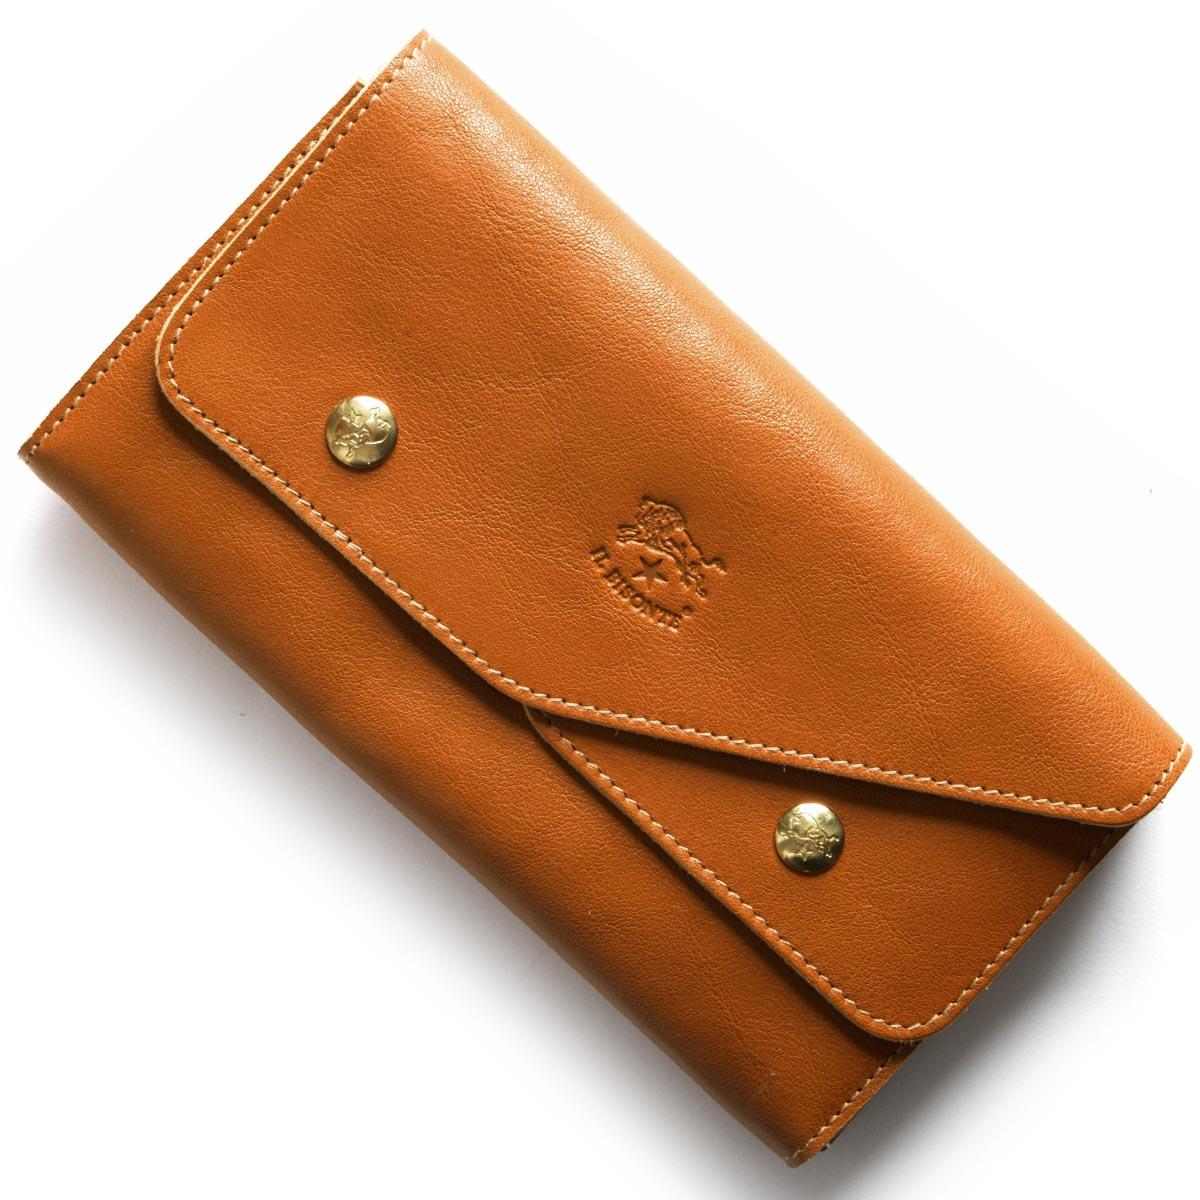 イルビゾンテ IL BISONTE 長財布 キャメルブラウン C0881 P 145 メンズ レディース